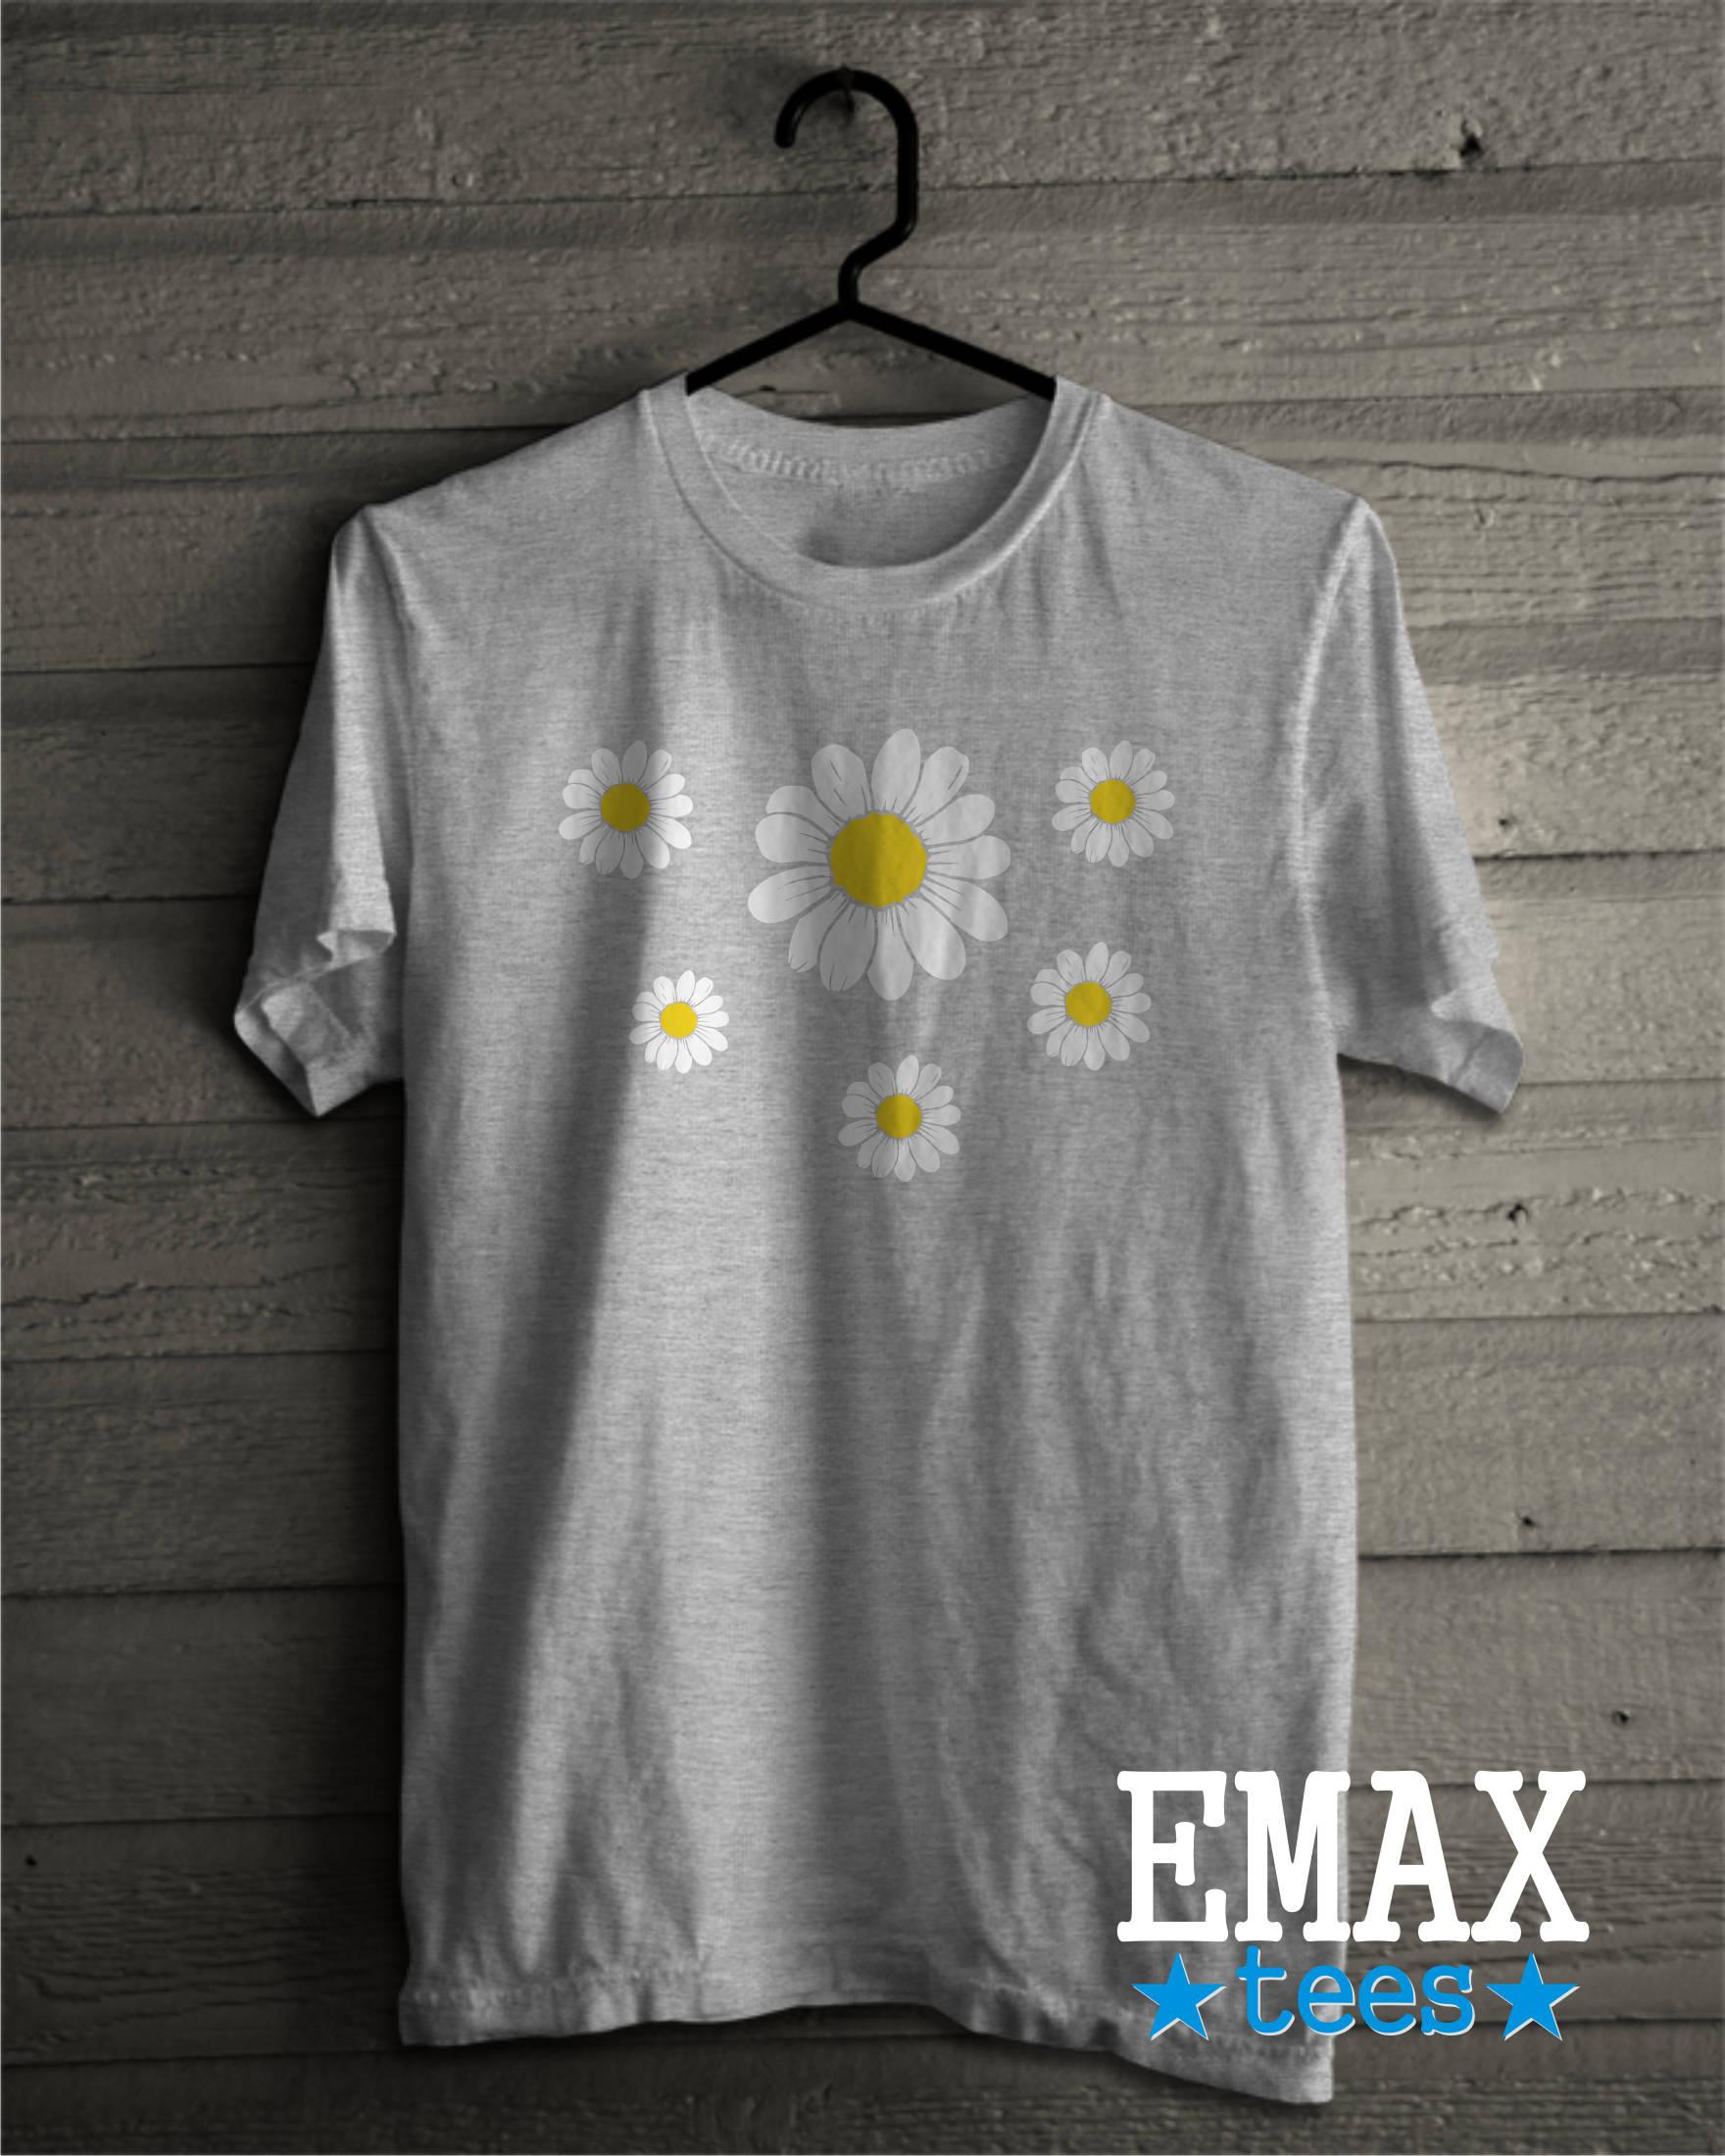 Daisy T Shirt Flower Tshirt Tumblr Clothes Unisex Style Tshirt